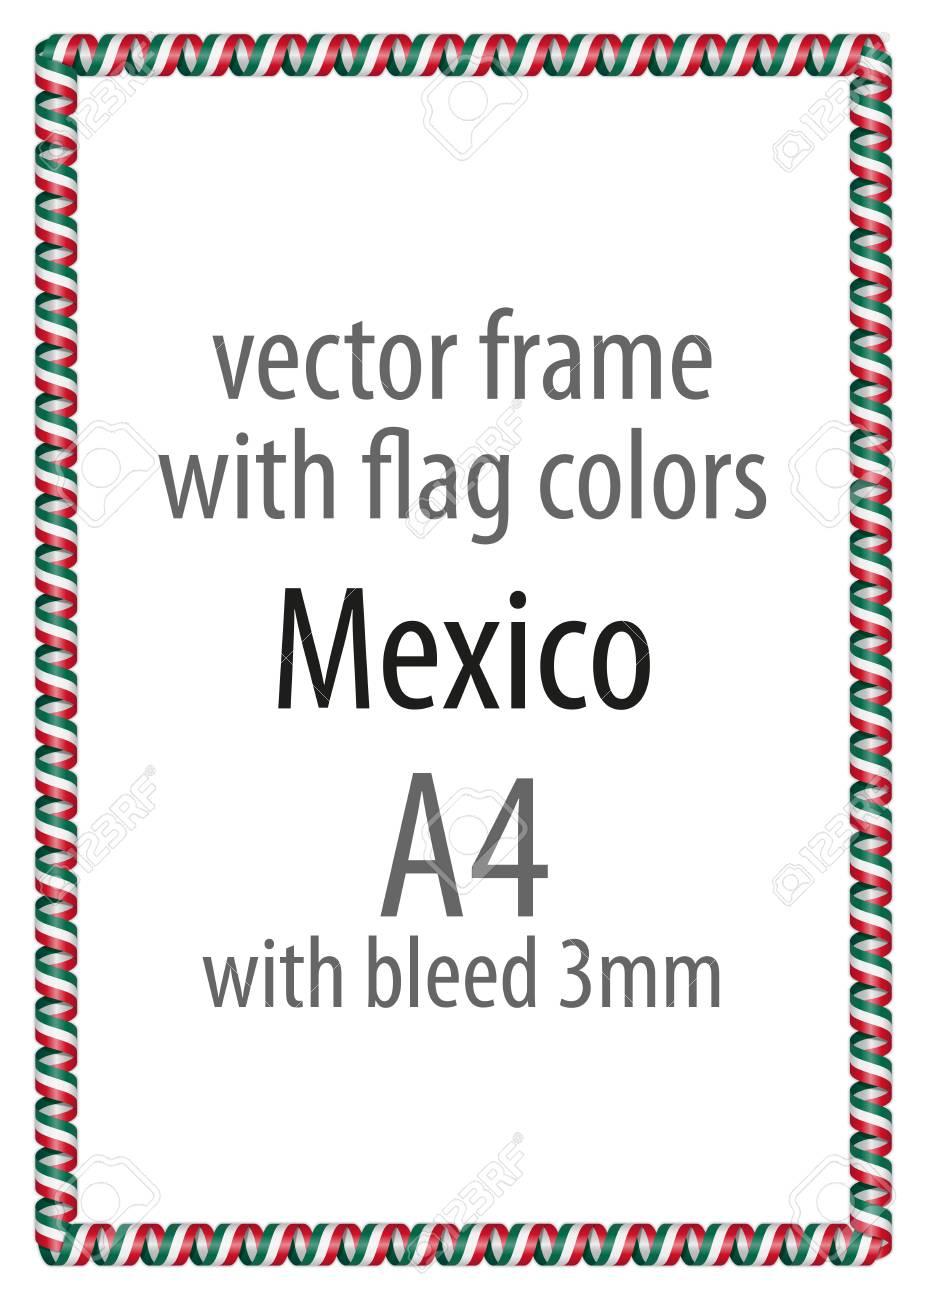 Marco Y Borde De La Cinta Con Los Colores De La Bandera De México ...